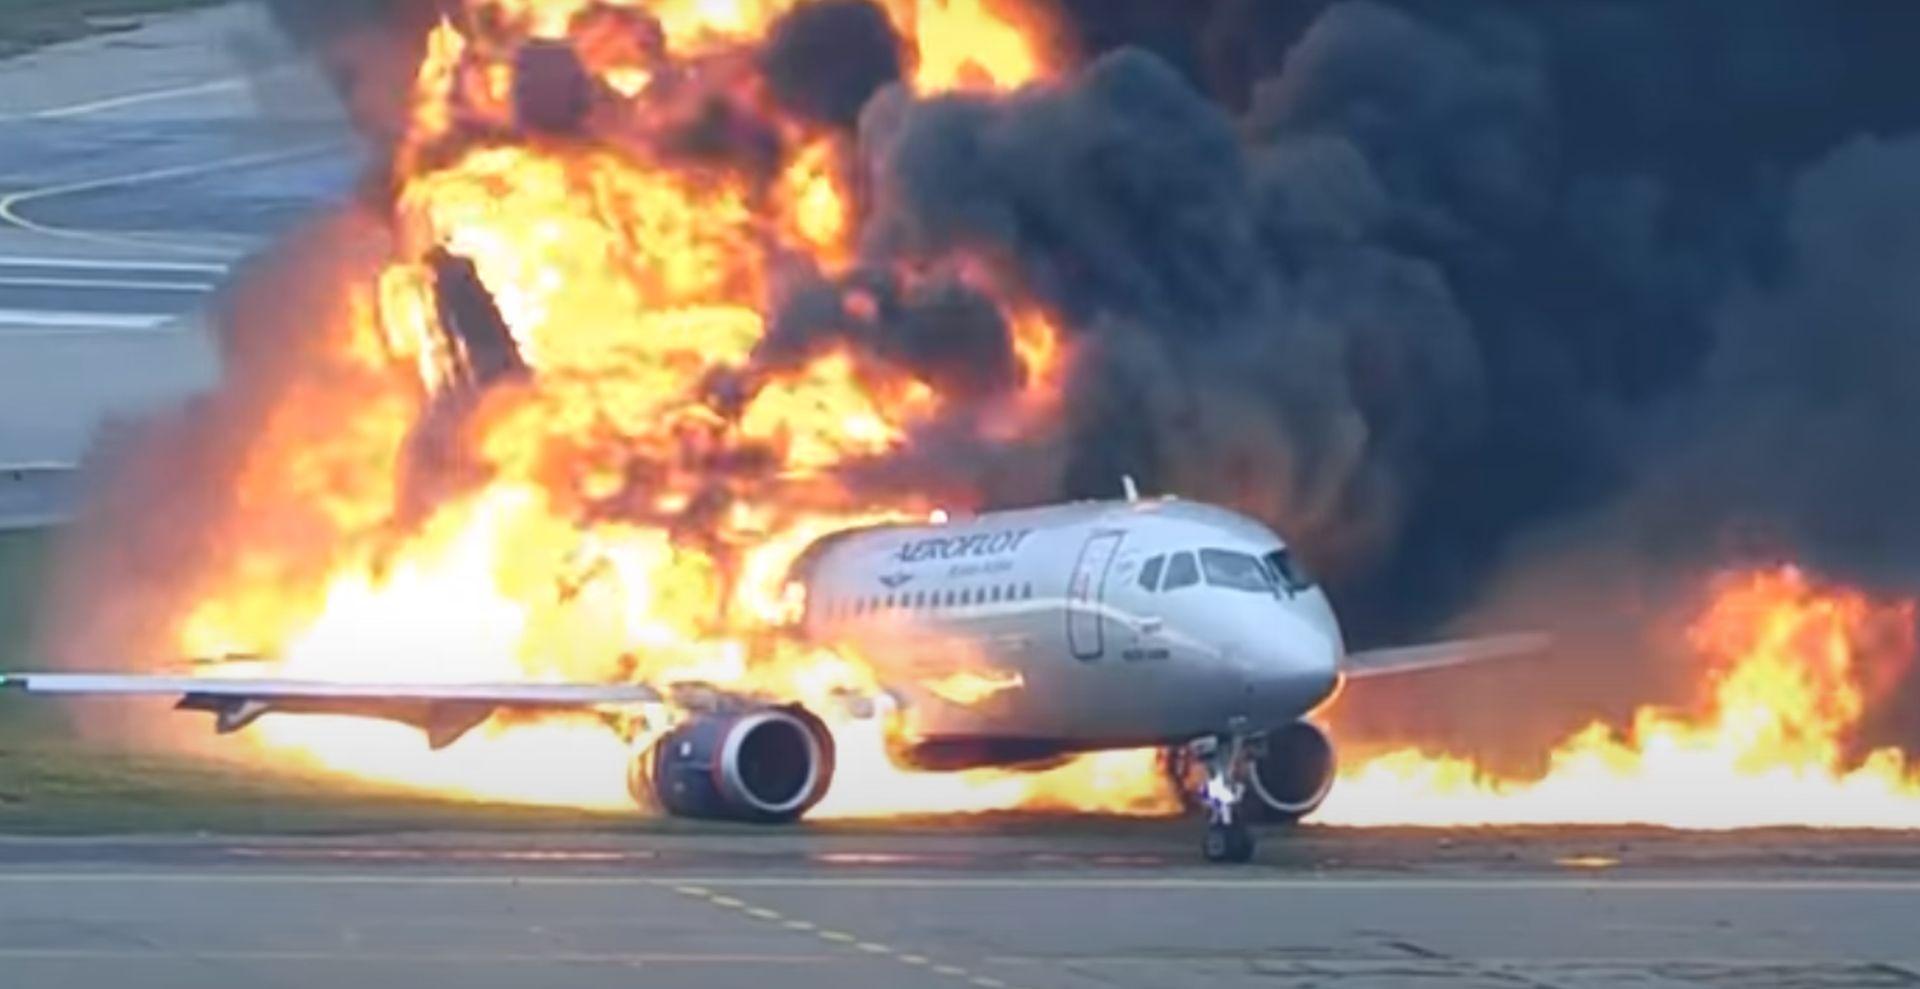 Suchoj SuperJet 100 při nehodě 5. května 2019 v Moskvě. Foto: YouTube